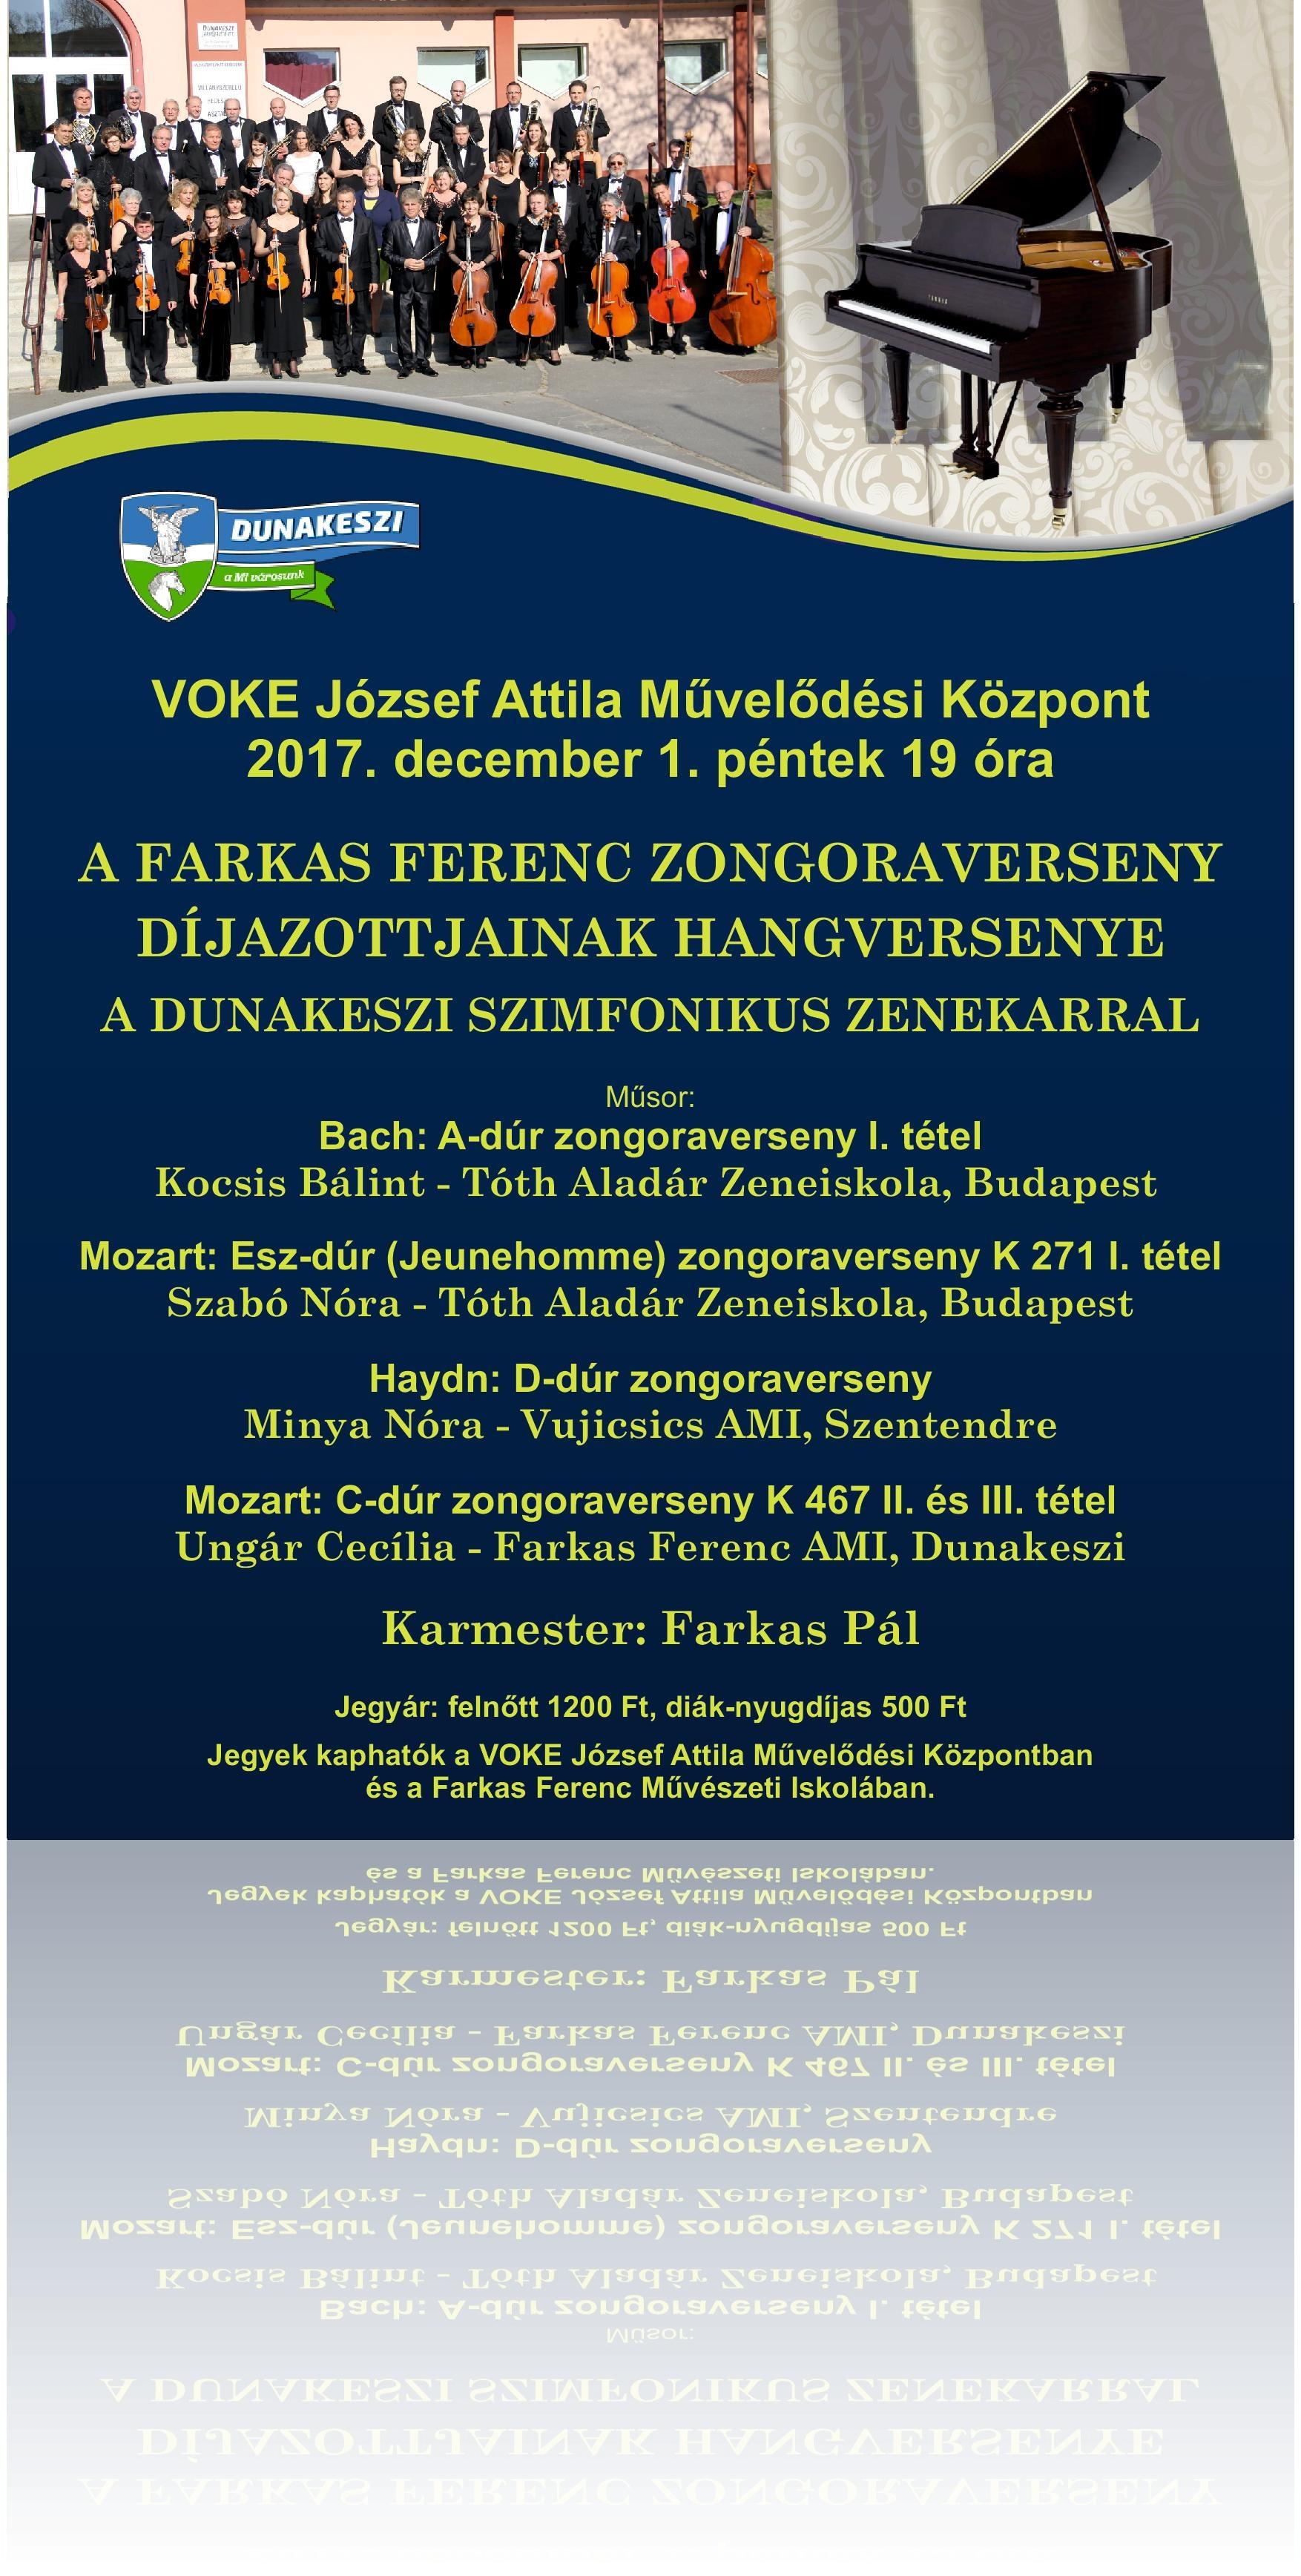 Dunakeszi_Zongoraverseny